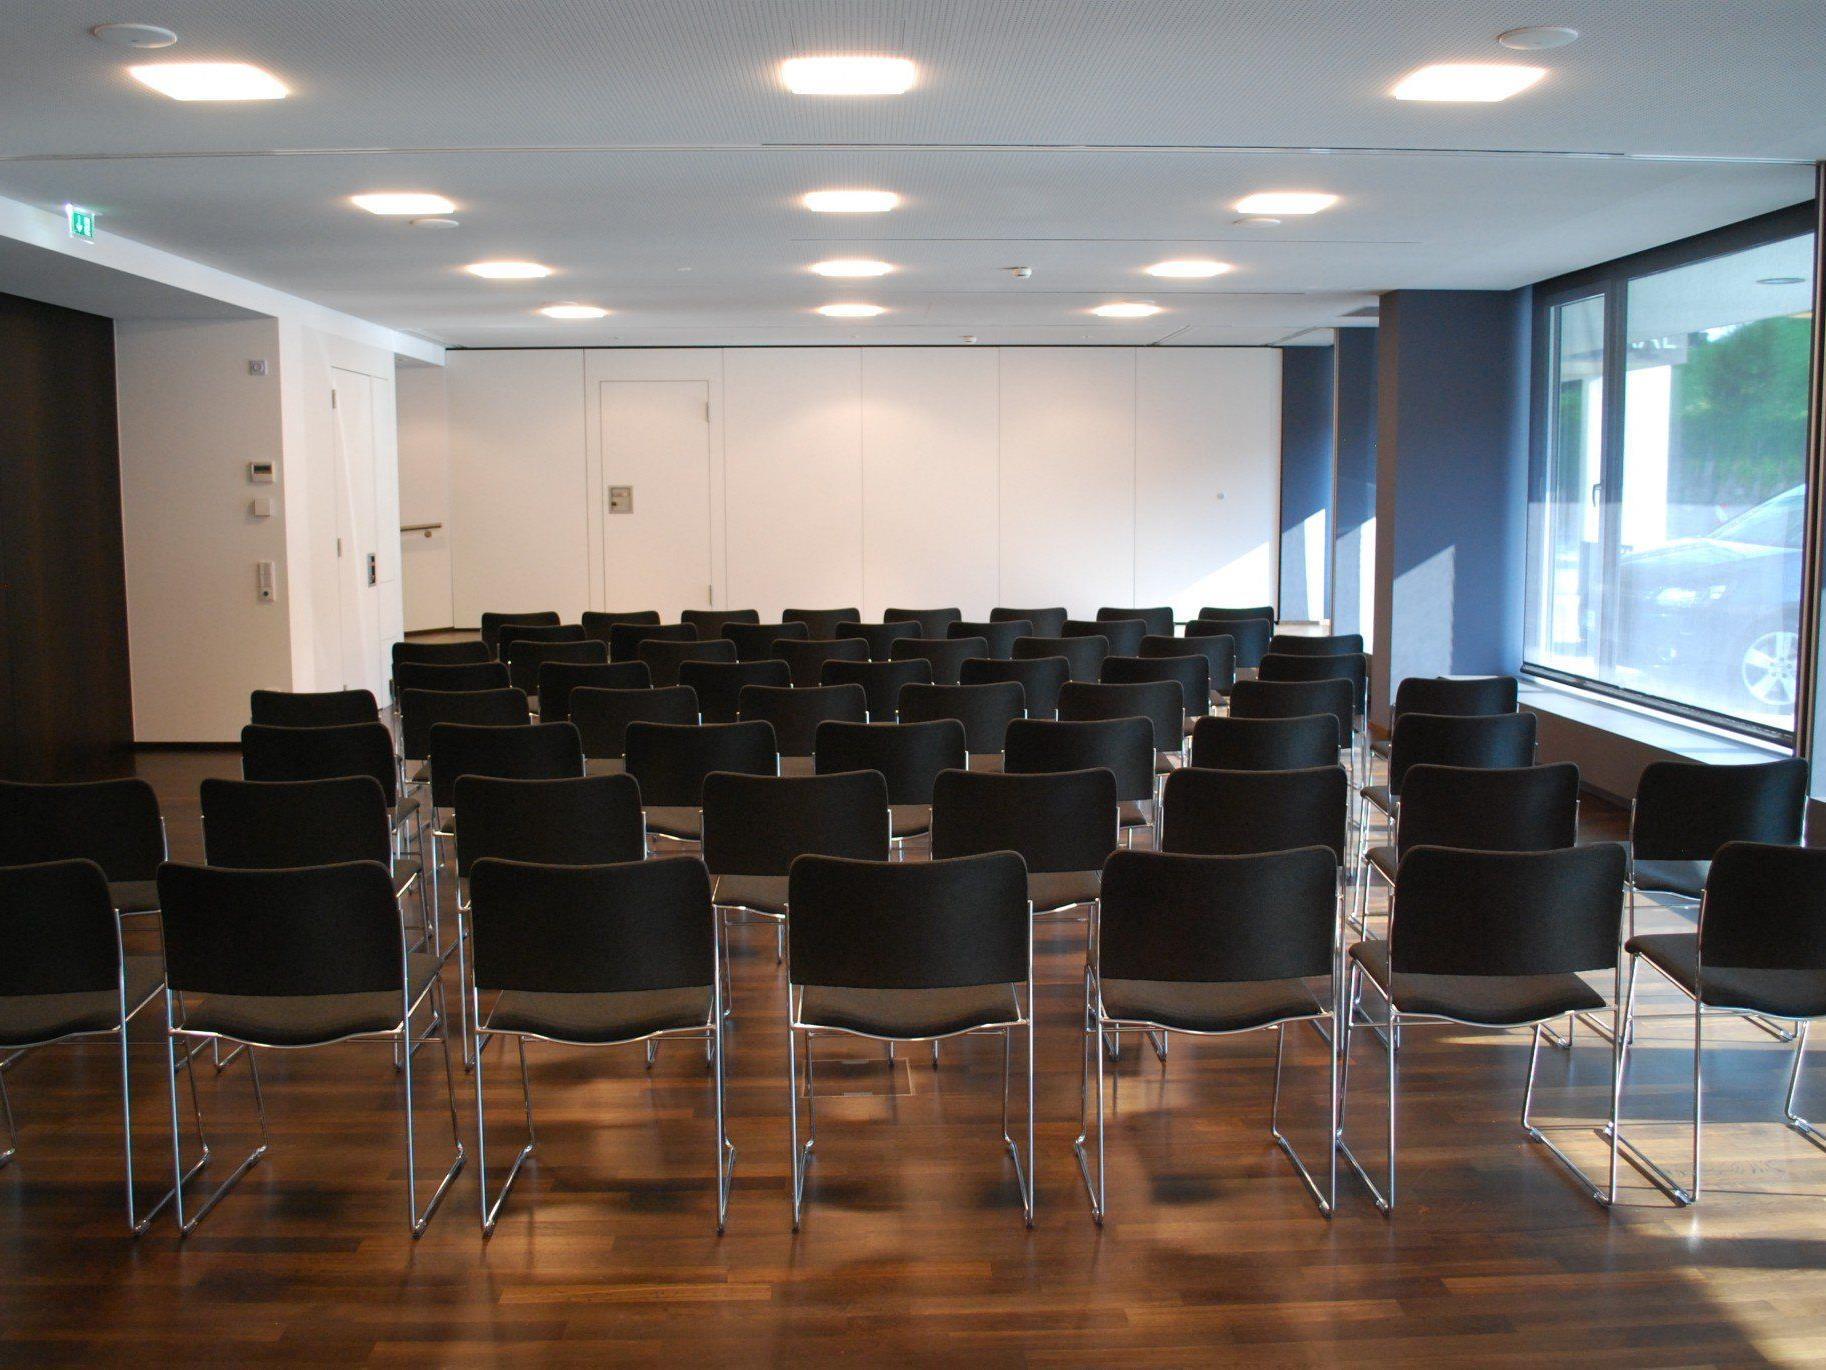 240 Quadratmeter mehr Nutzungsfläche für den Vinomnasaal.